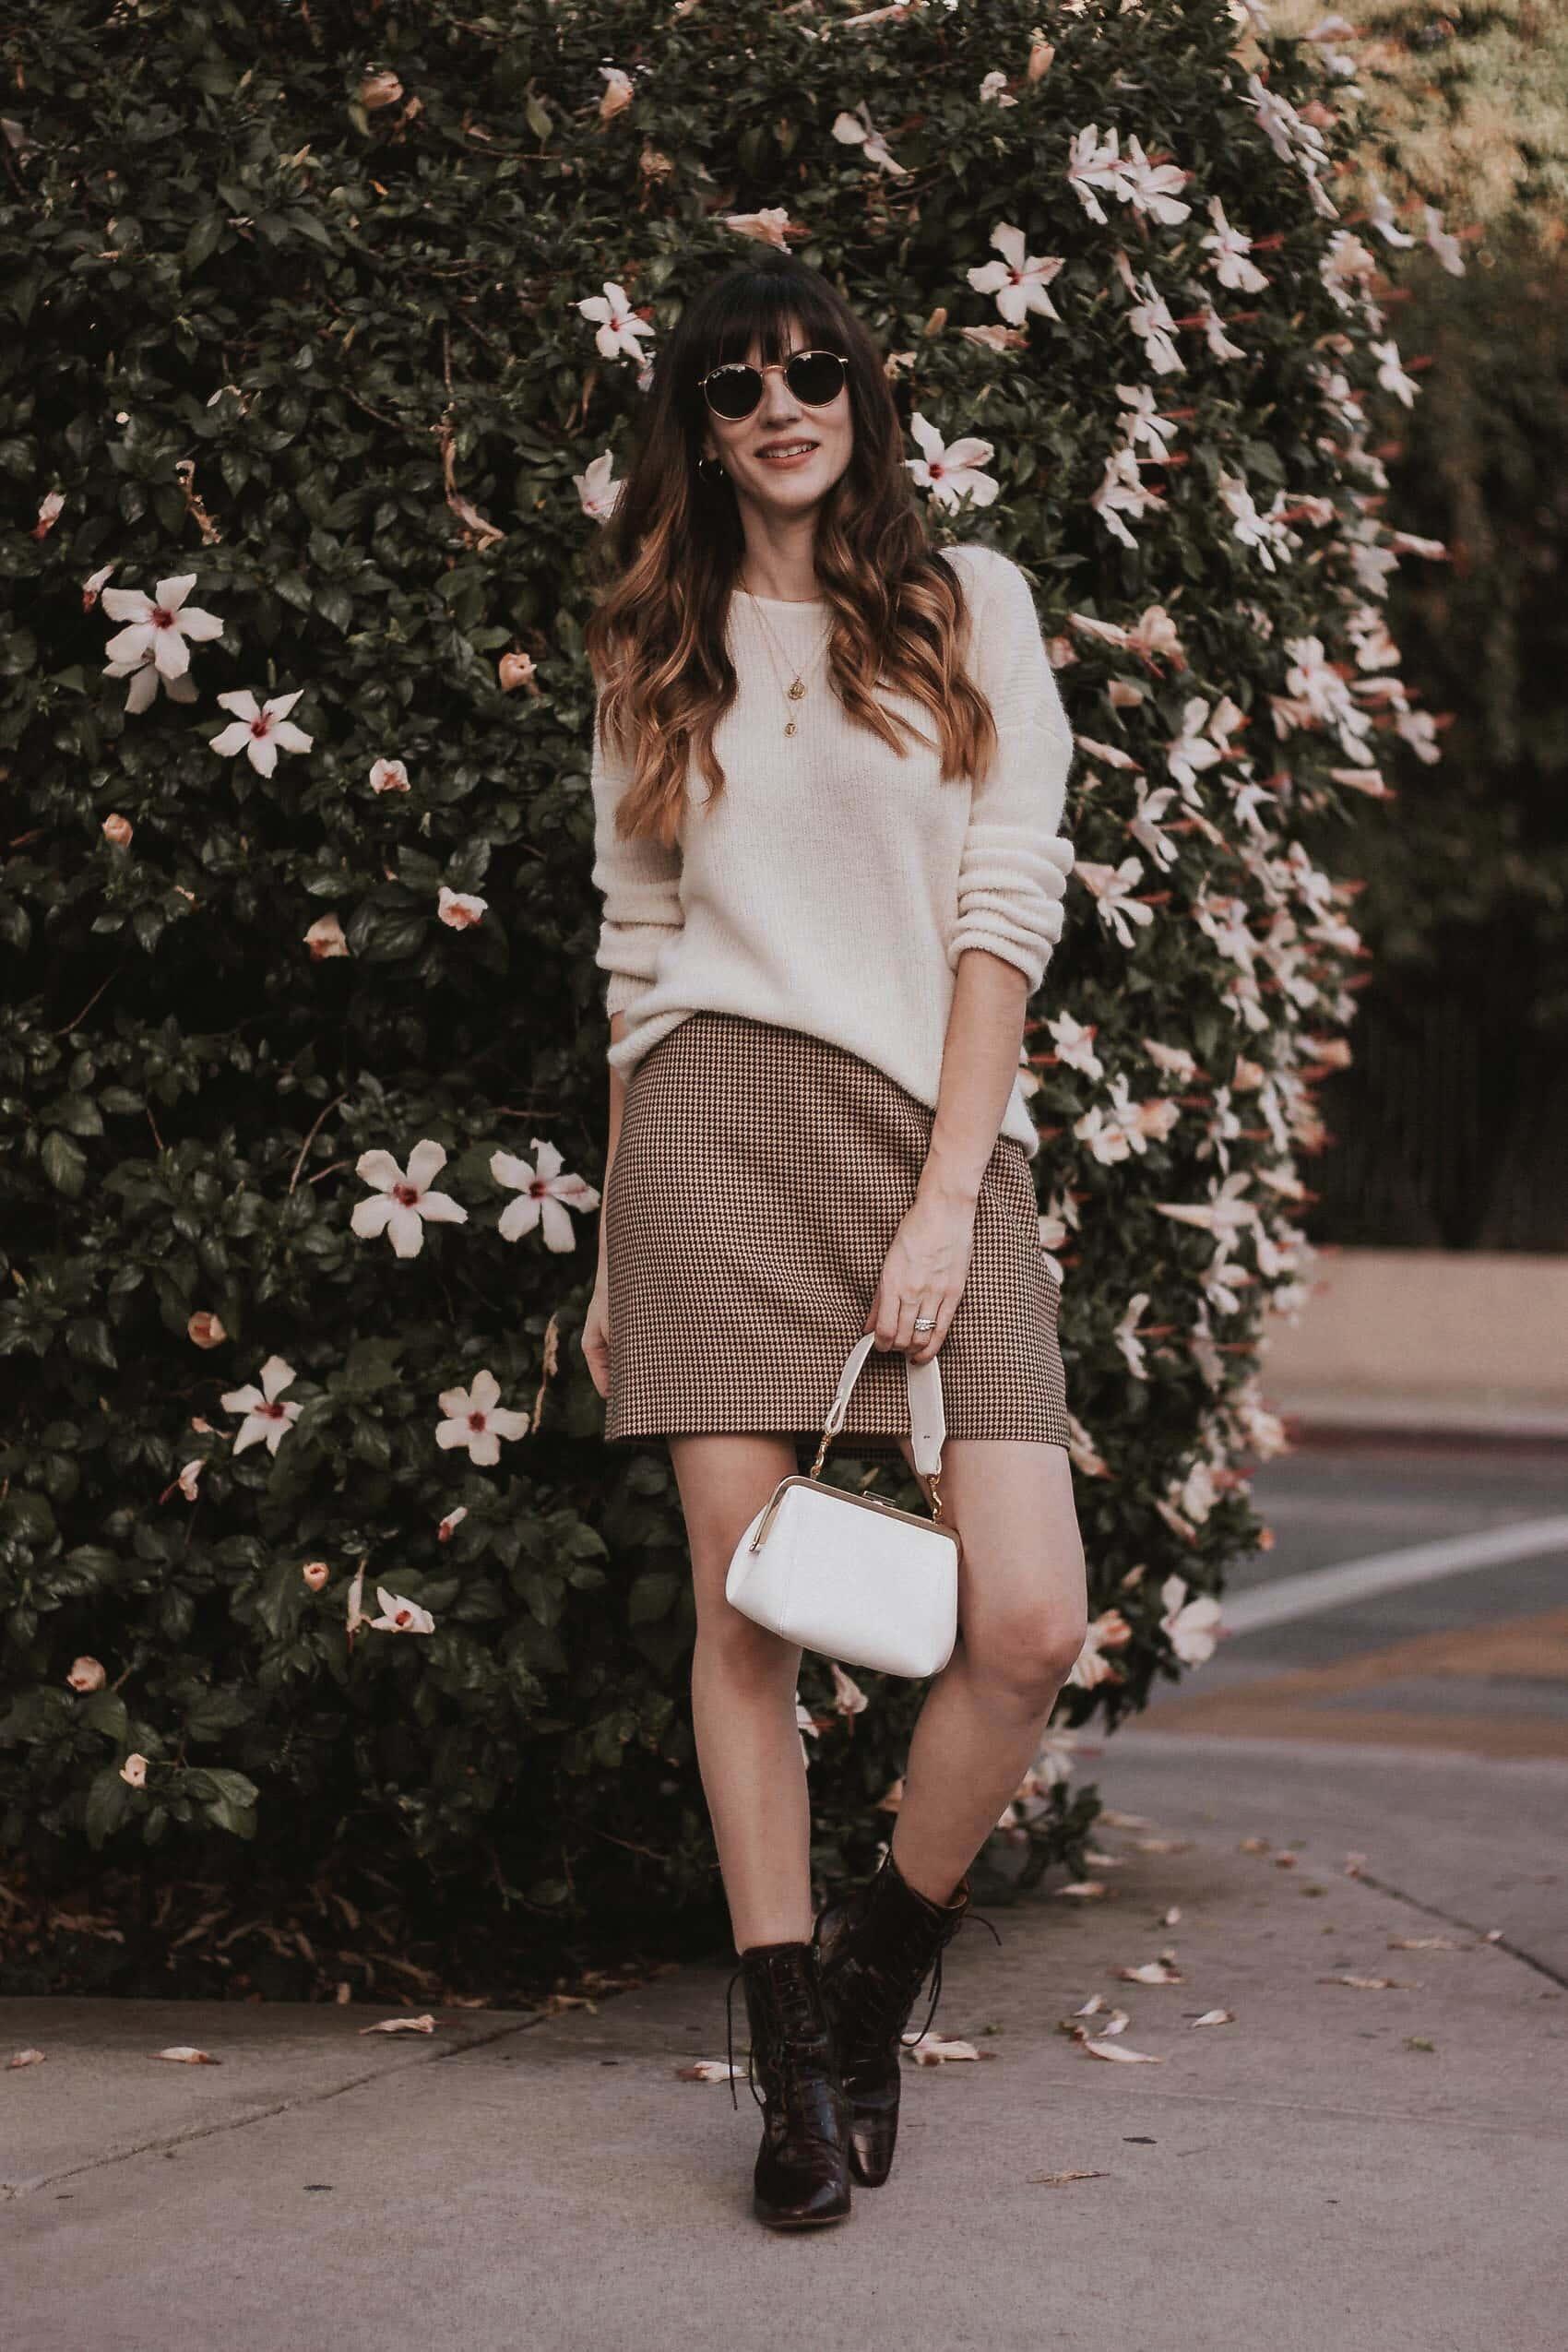 & Other Stories Mini Skirt, Sezane Sweater, Miista Boots